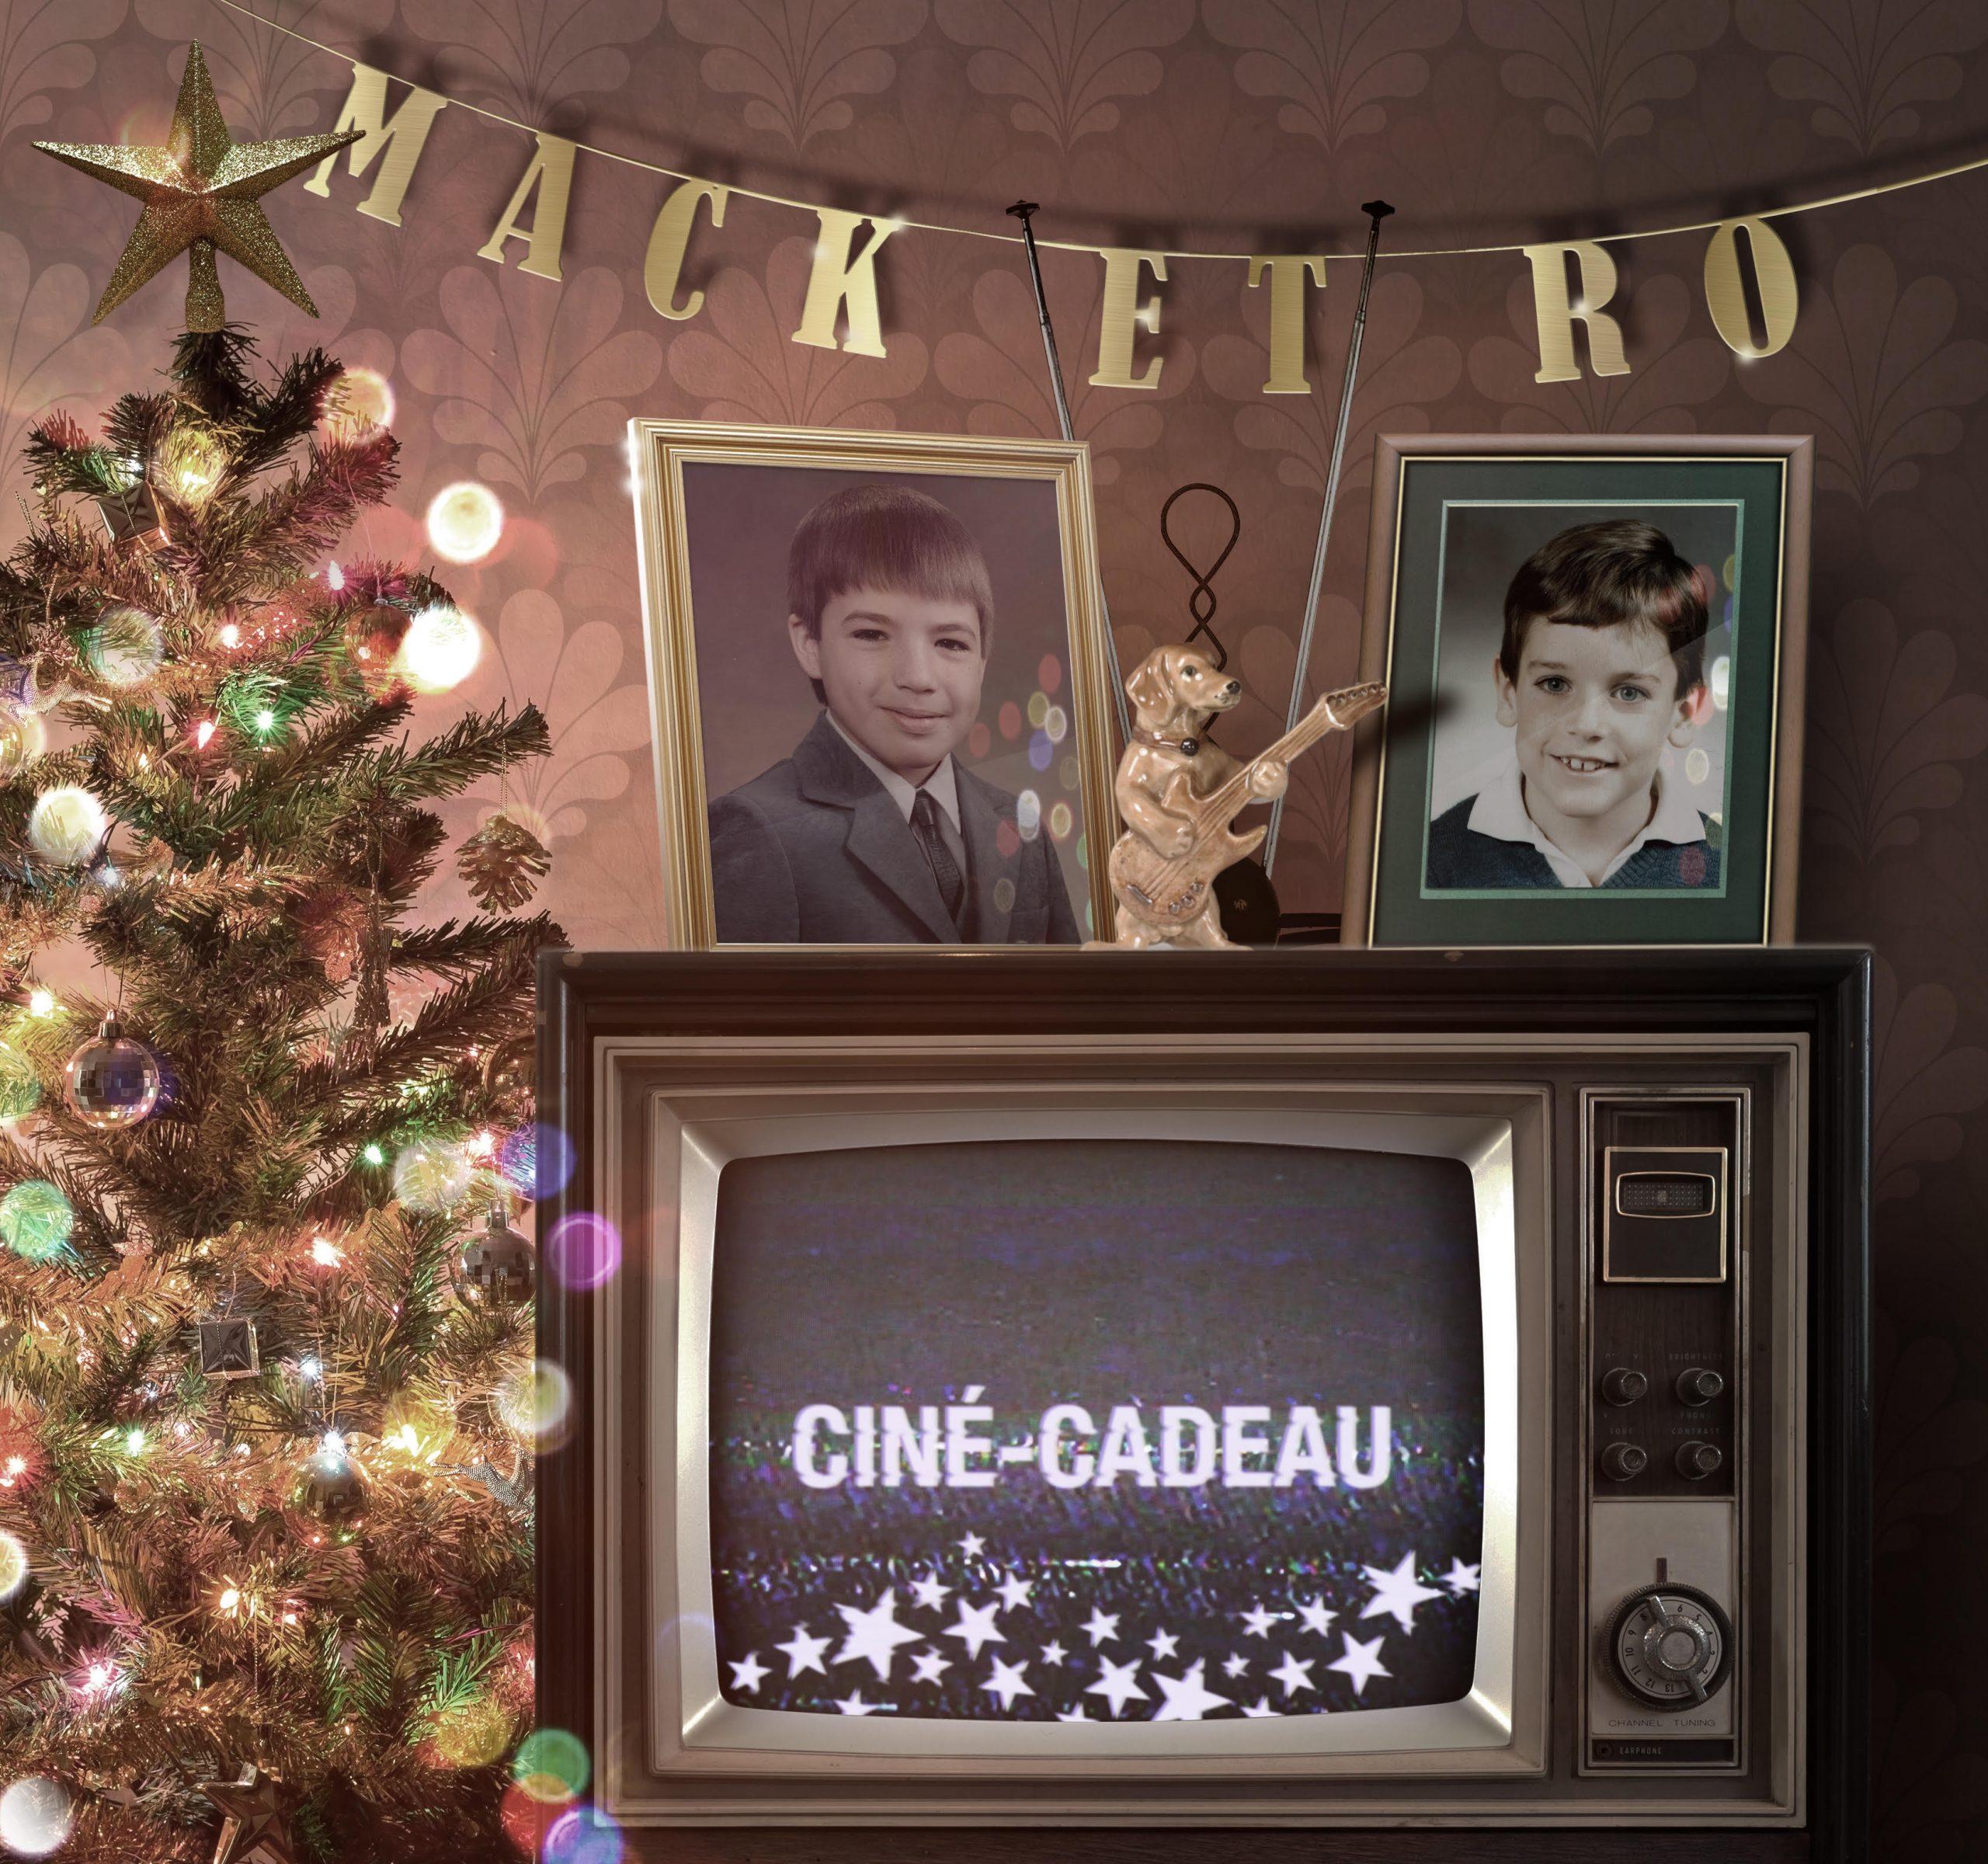 Noël s'en vient (Ciné-cadeau) - Mack et Ro